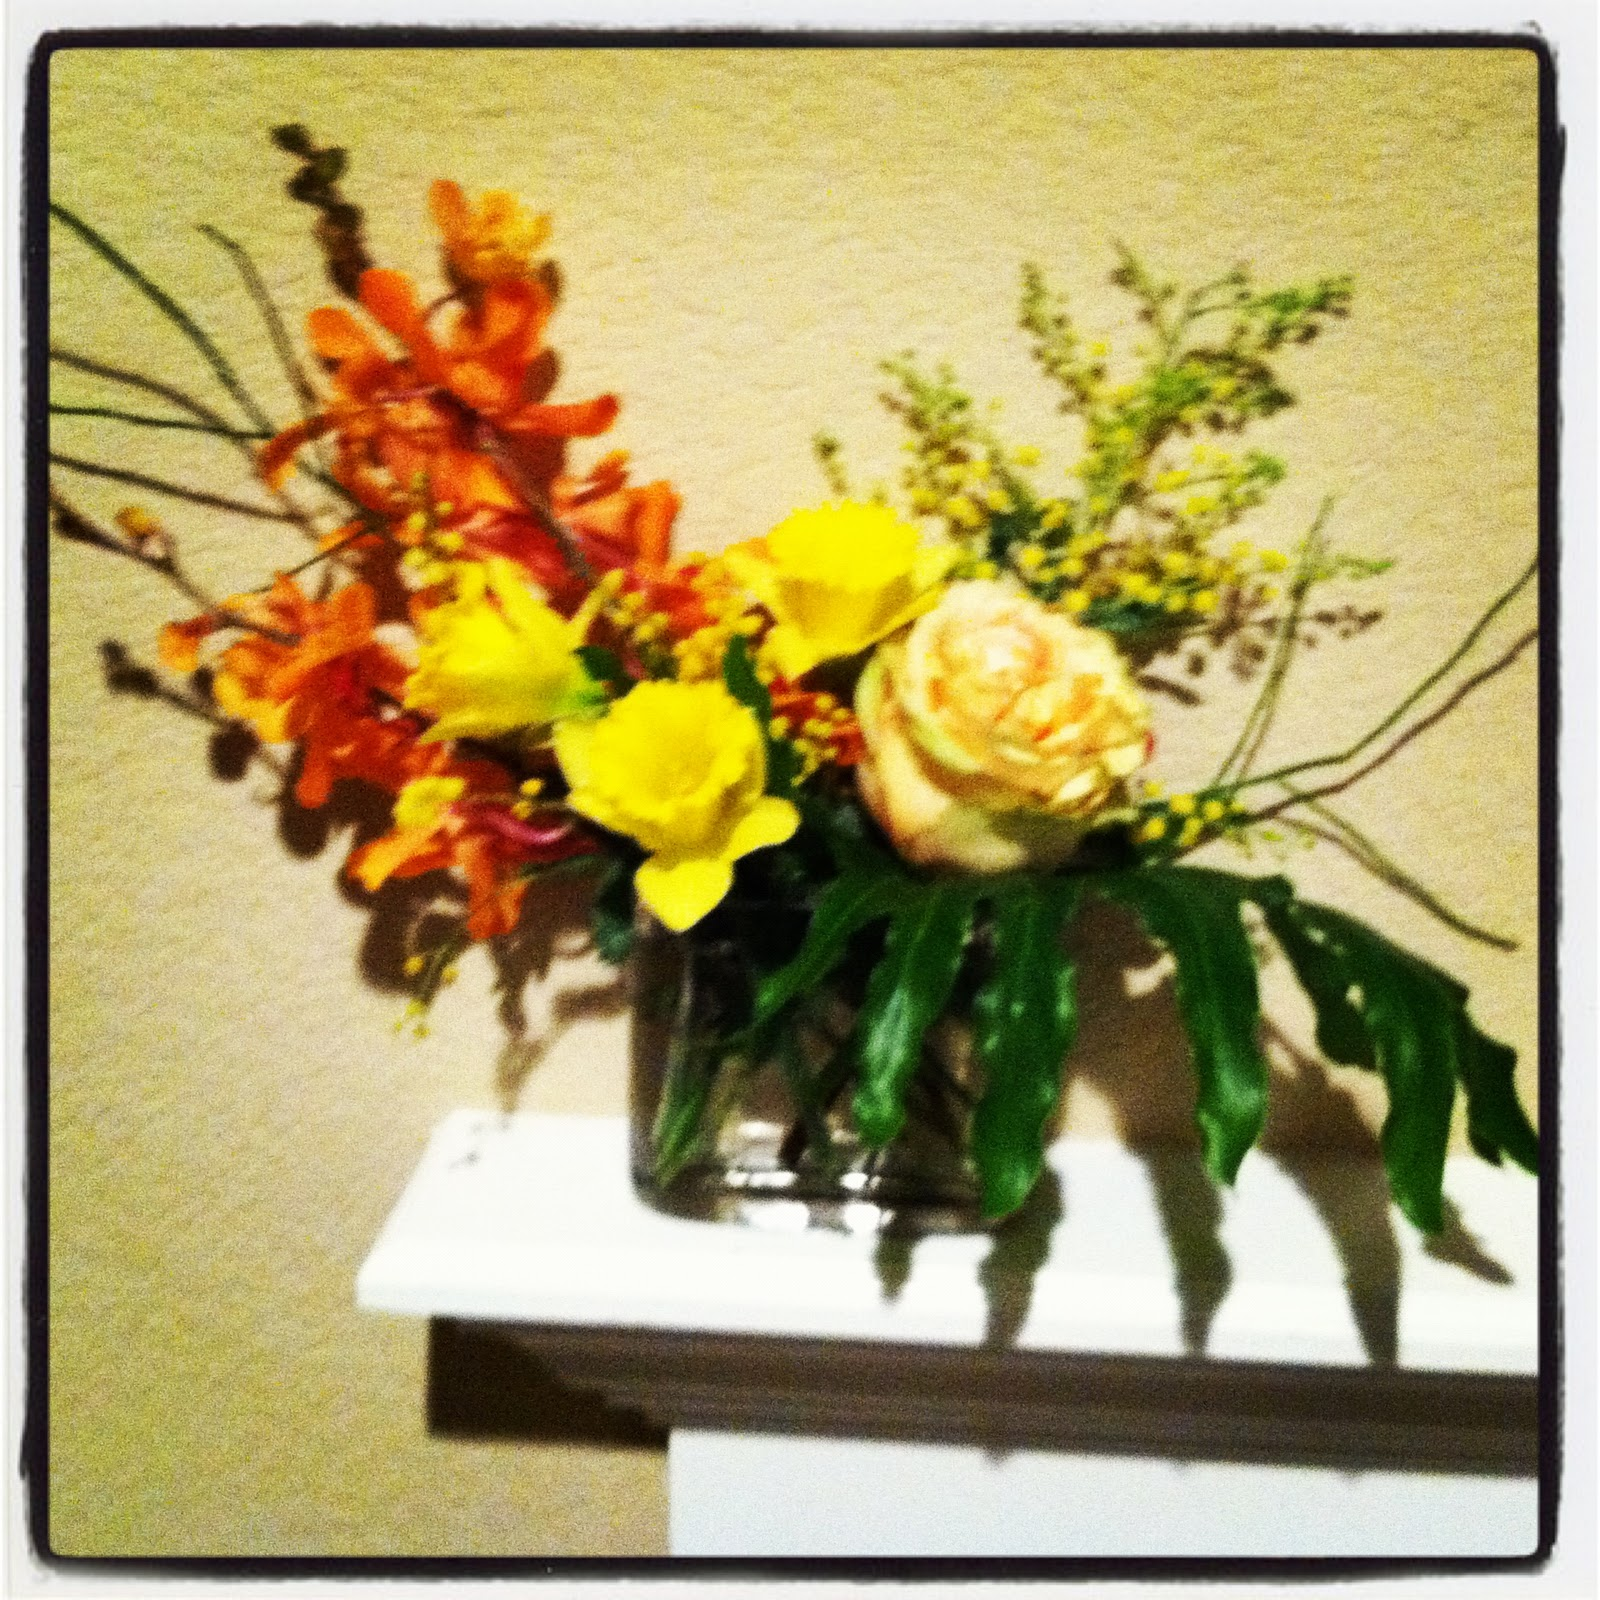 Feng Shui for the OM: The Fragrant Flower Blessing